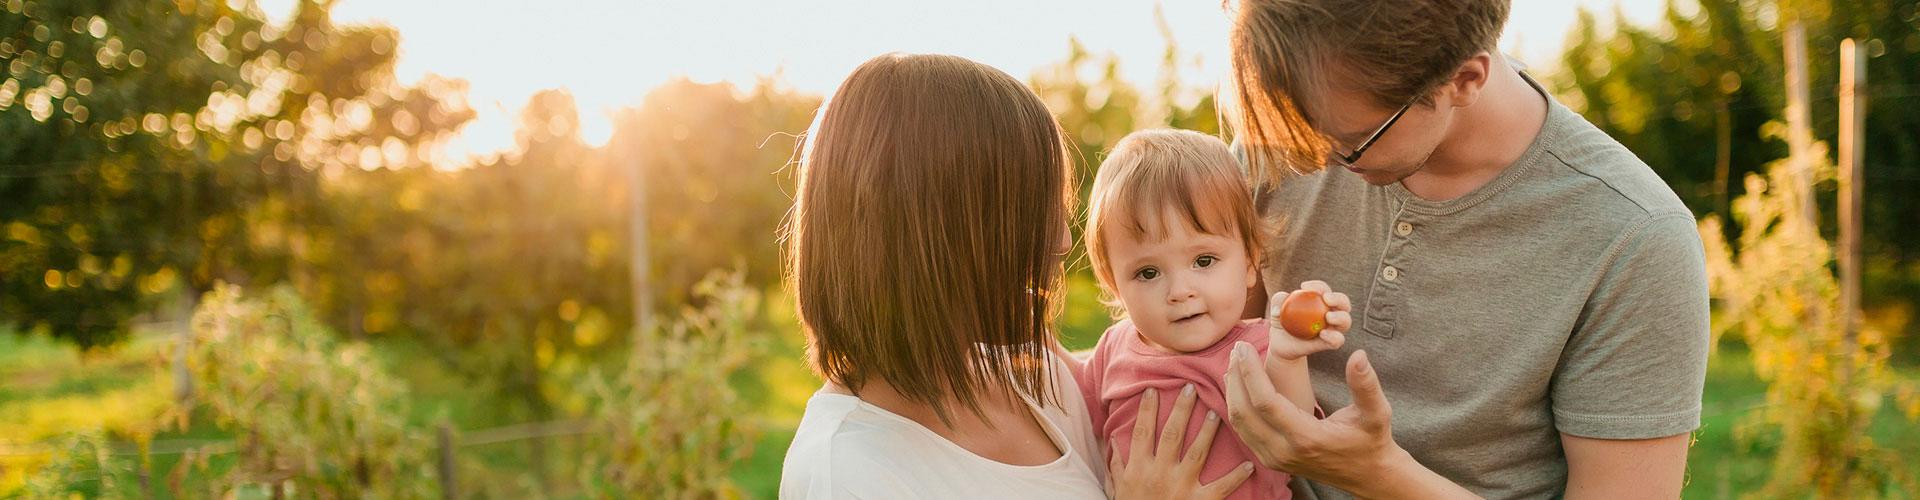 Eine junge Familie mit kleinem Kind auf einer Wiese beim Sonnenuntergang